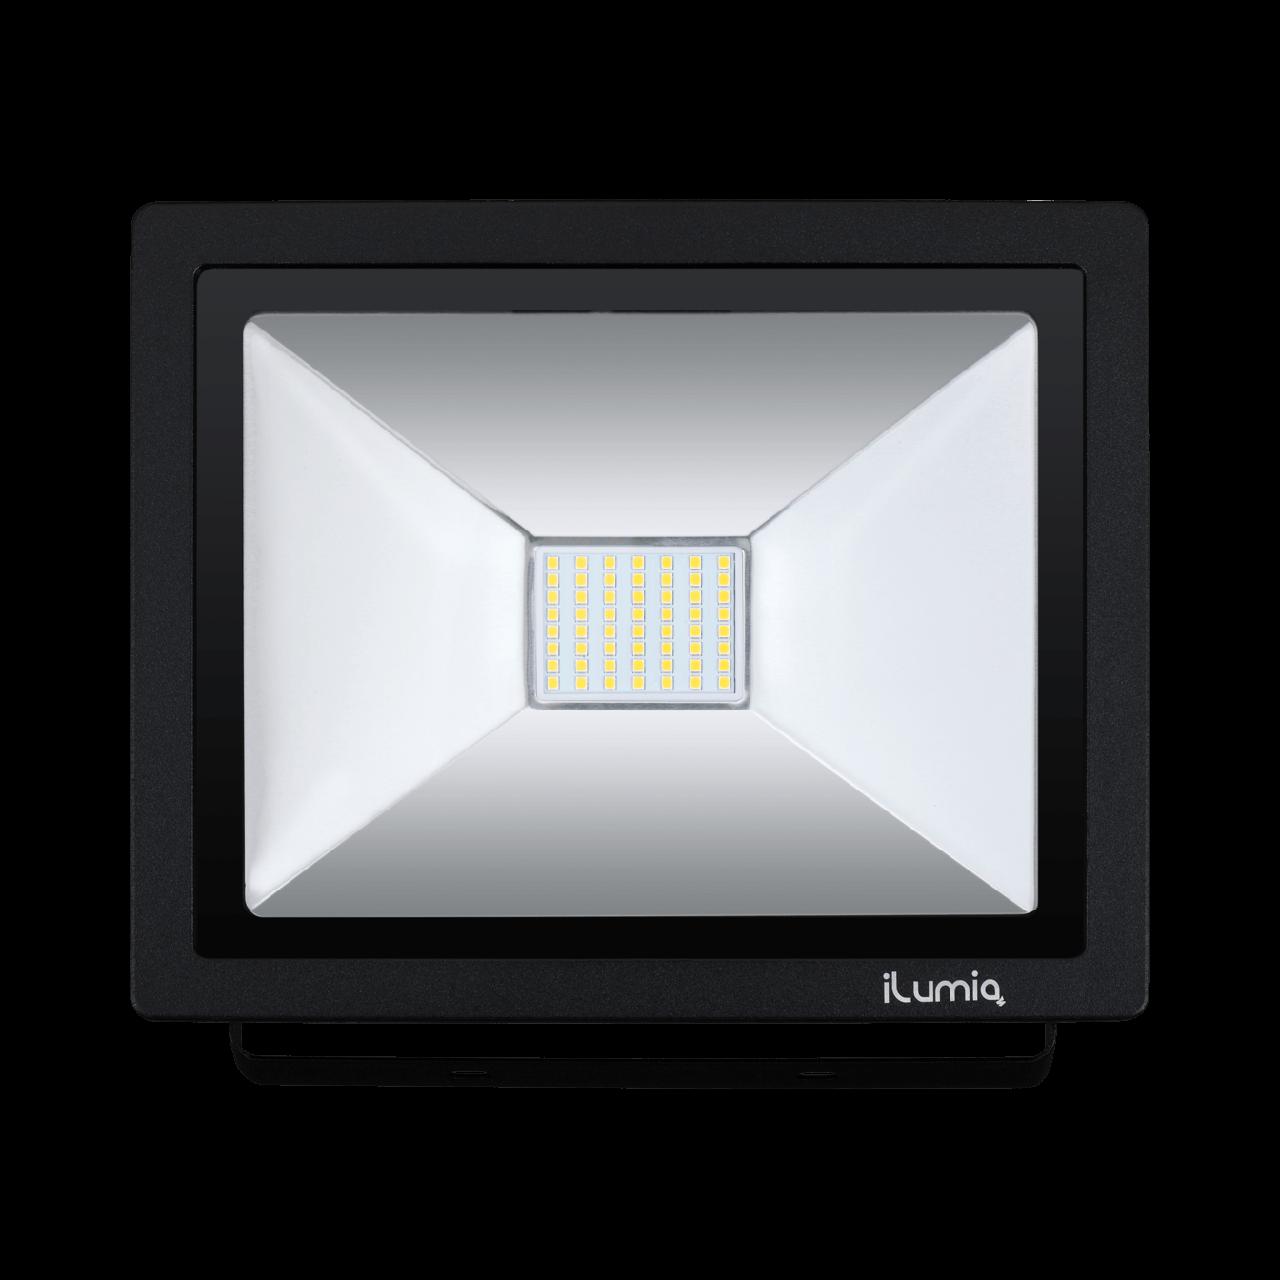 Светодиодный прожектор iLumia 50 Вт